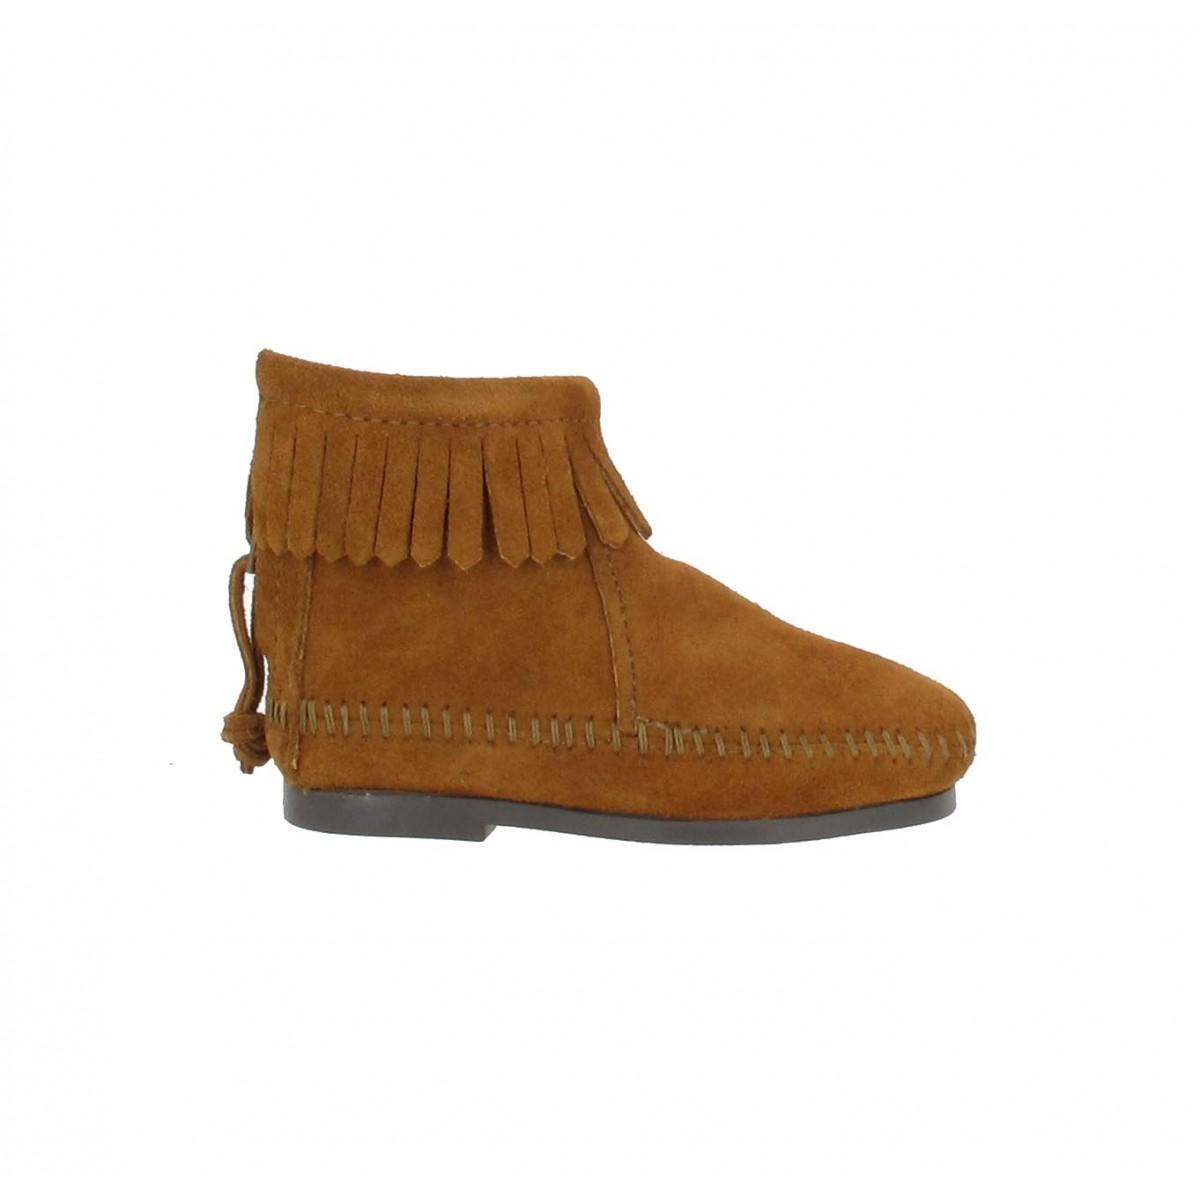 Chaussures Minnetonka marron femme Guess Sabots Femme Andréa Noir Puma PUMA Platform Hyper Emb W chaussures white WBGmnkEW